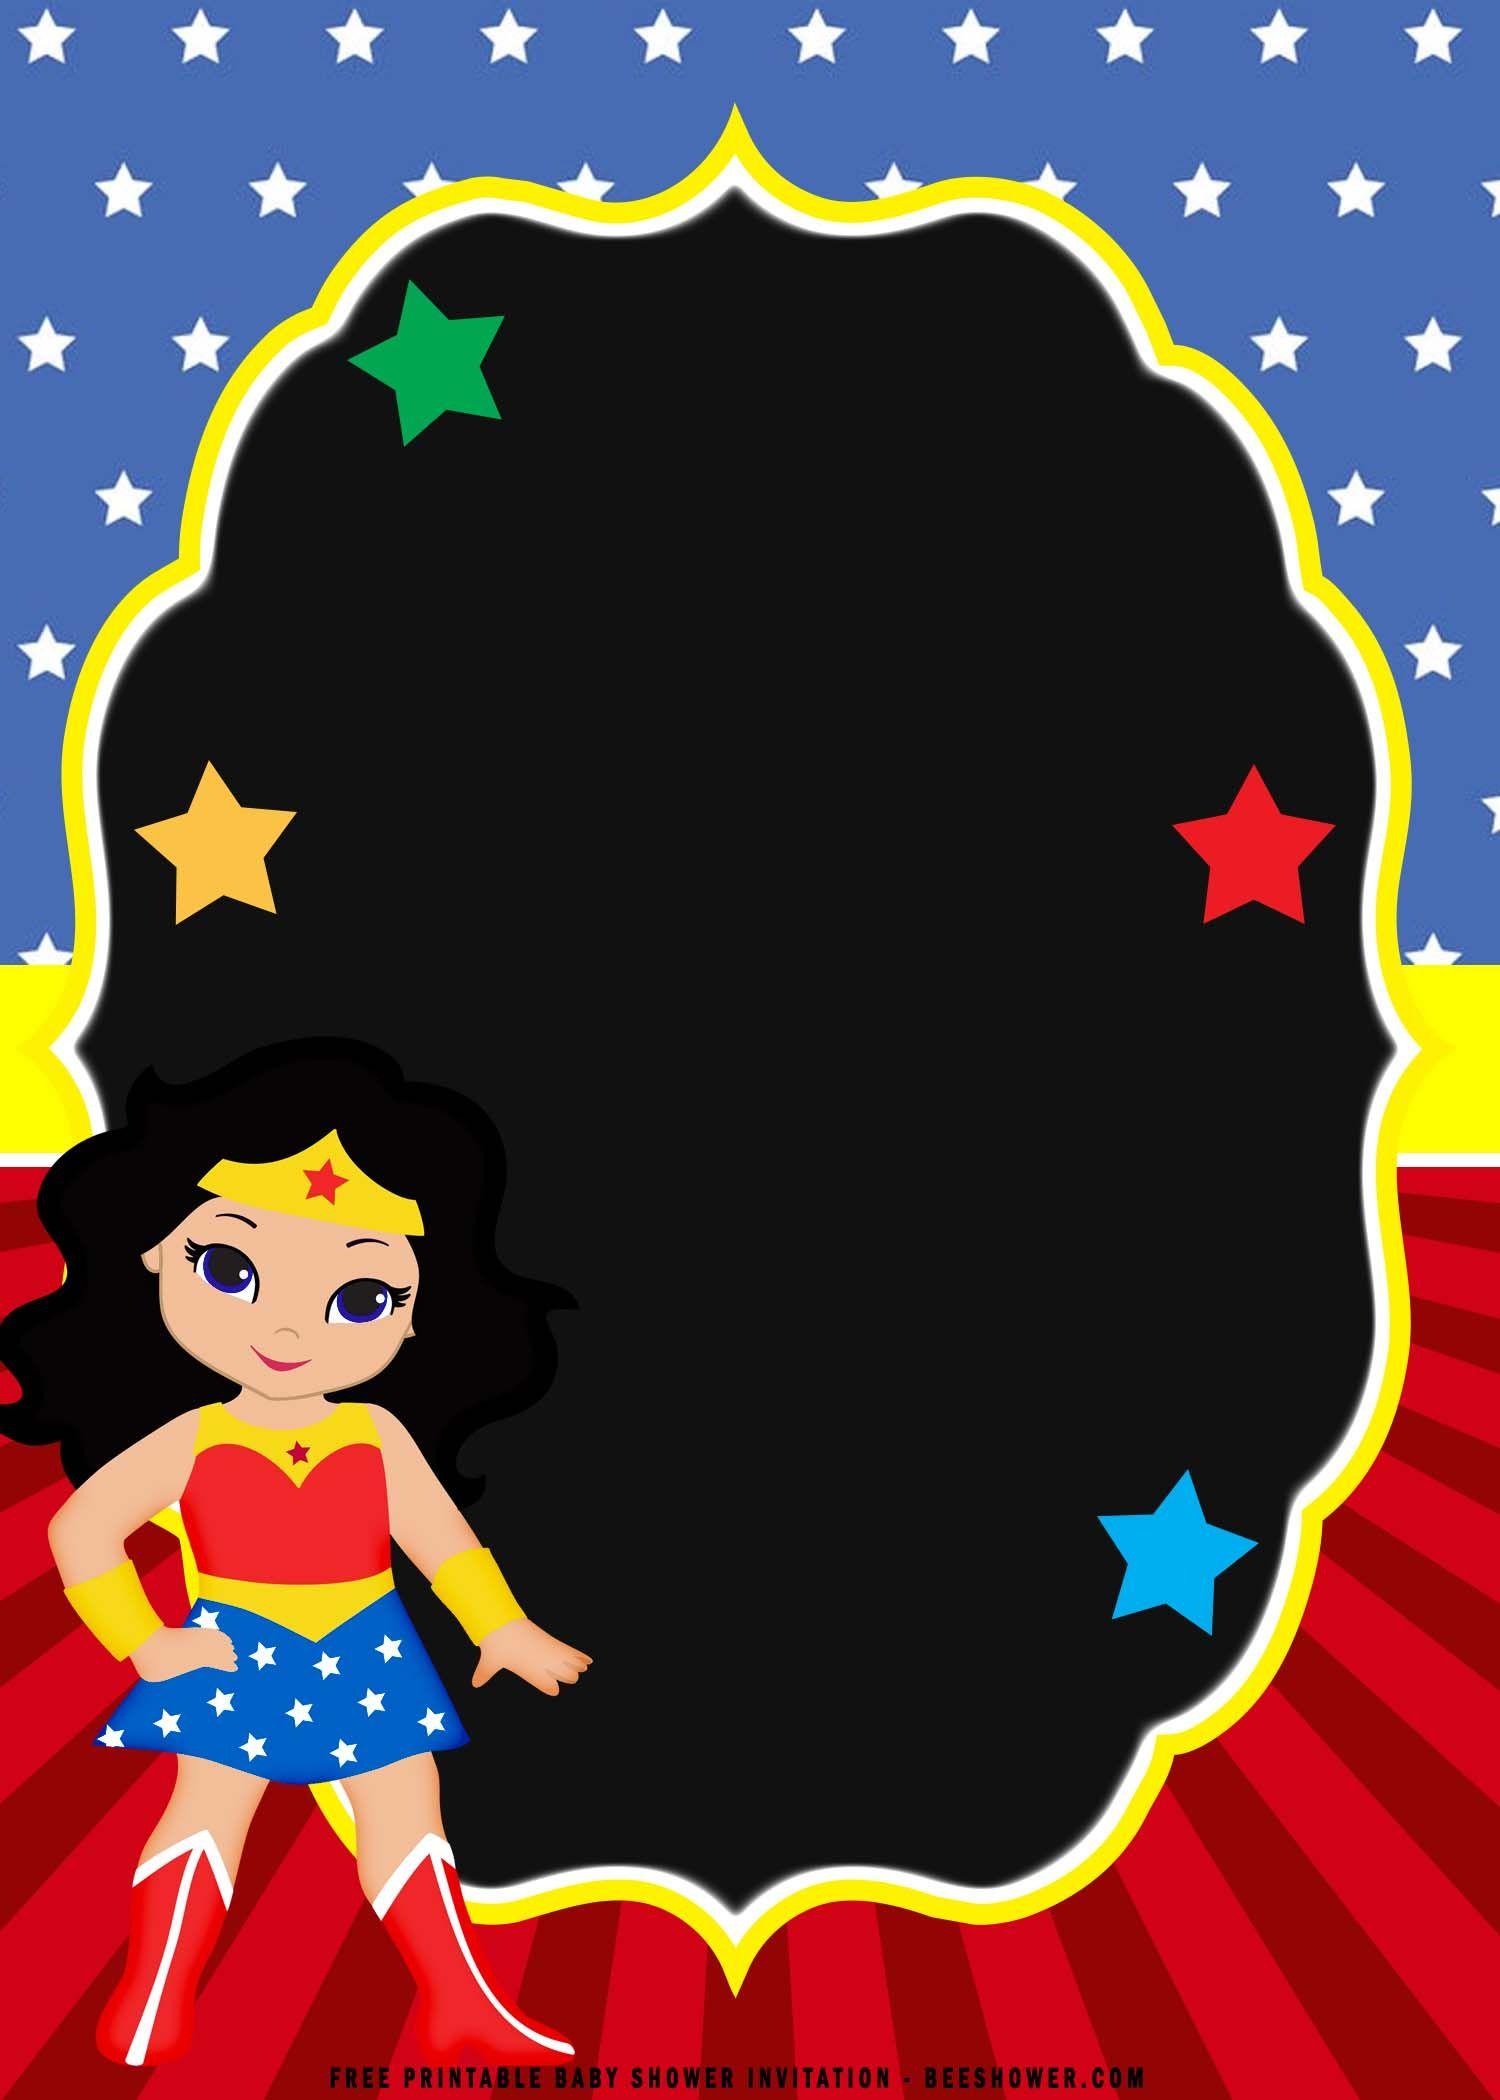 Cool (FREE Printable) Chibi Wonder Woman Birthday